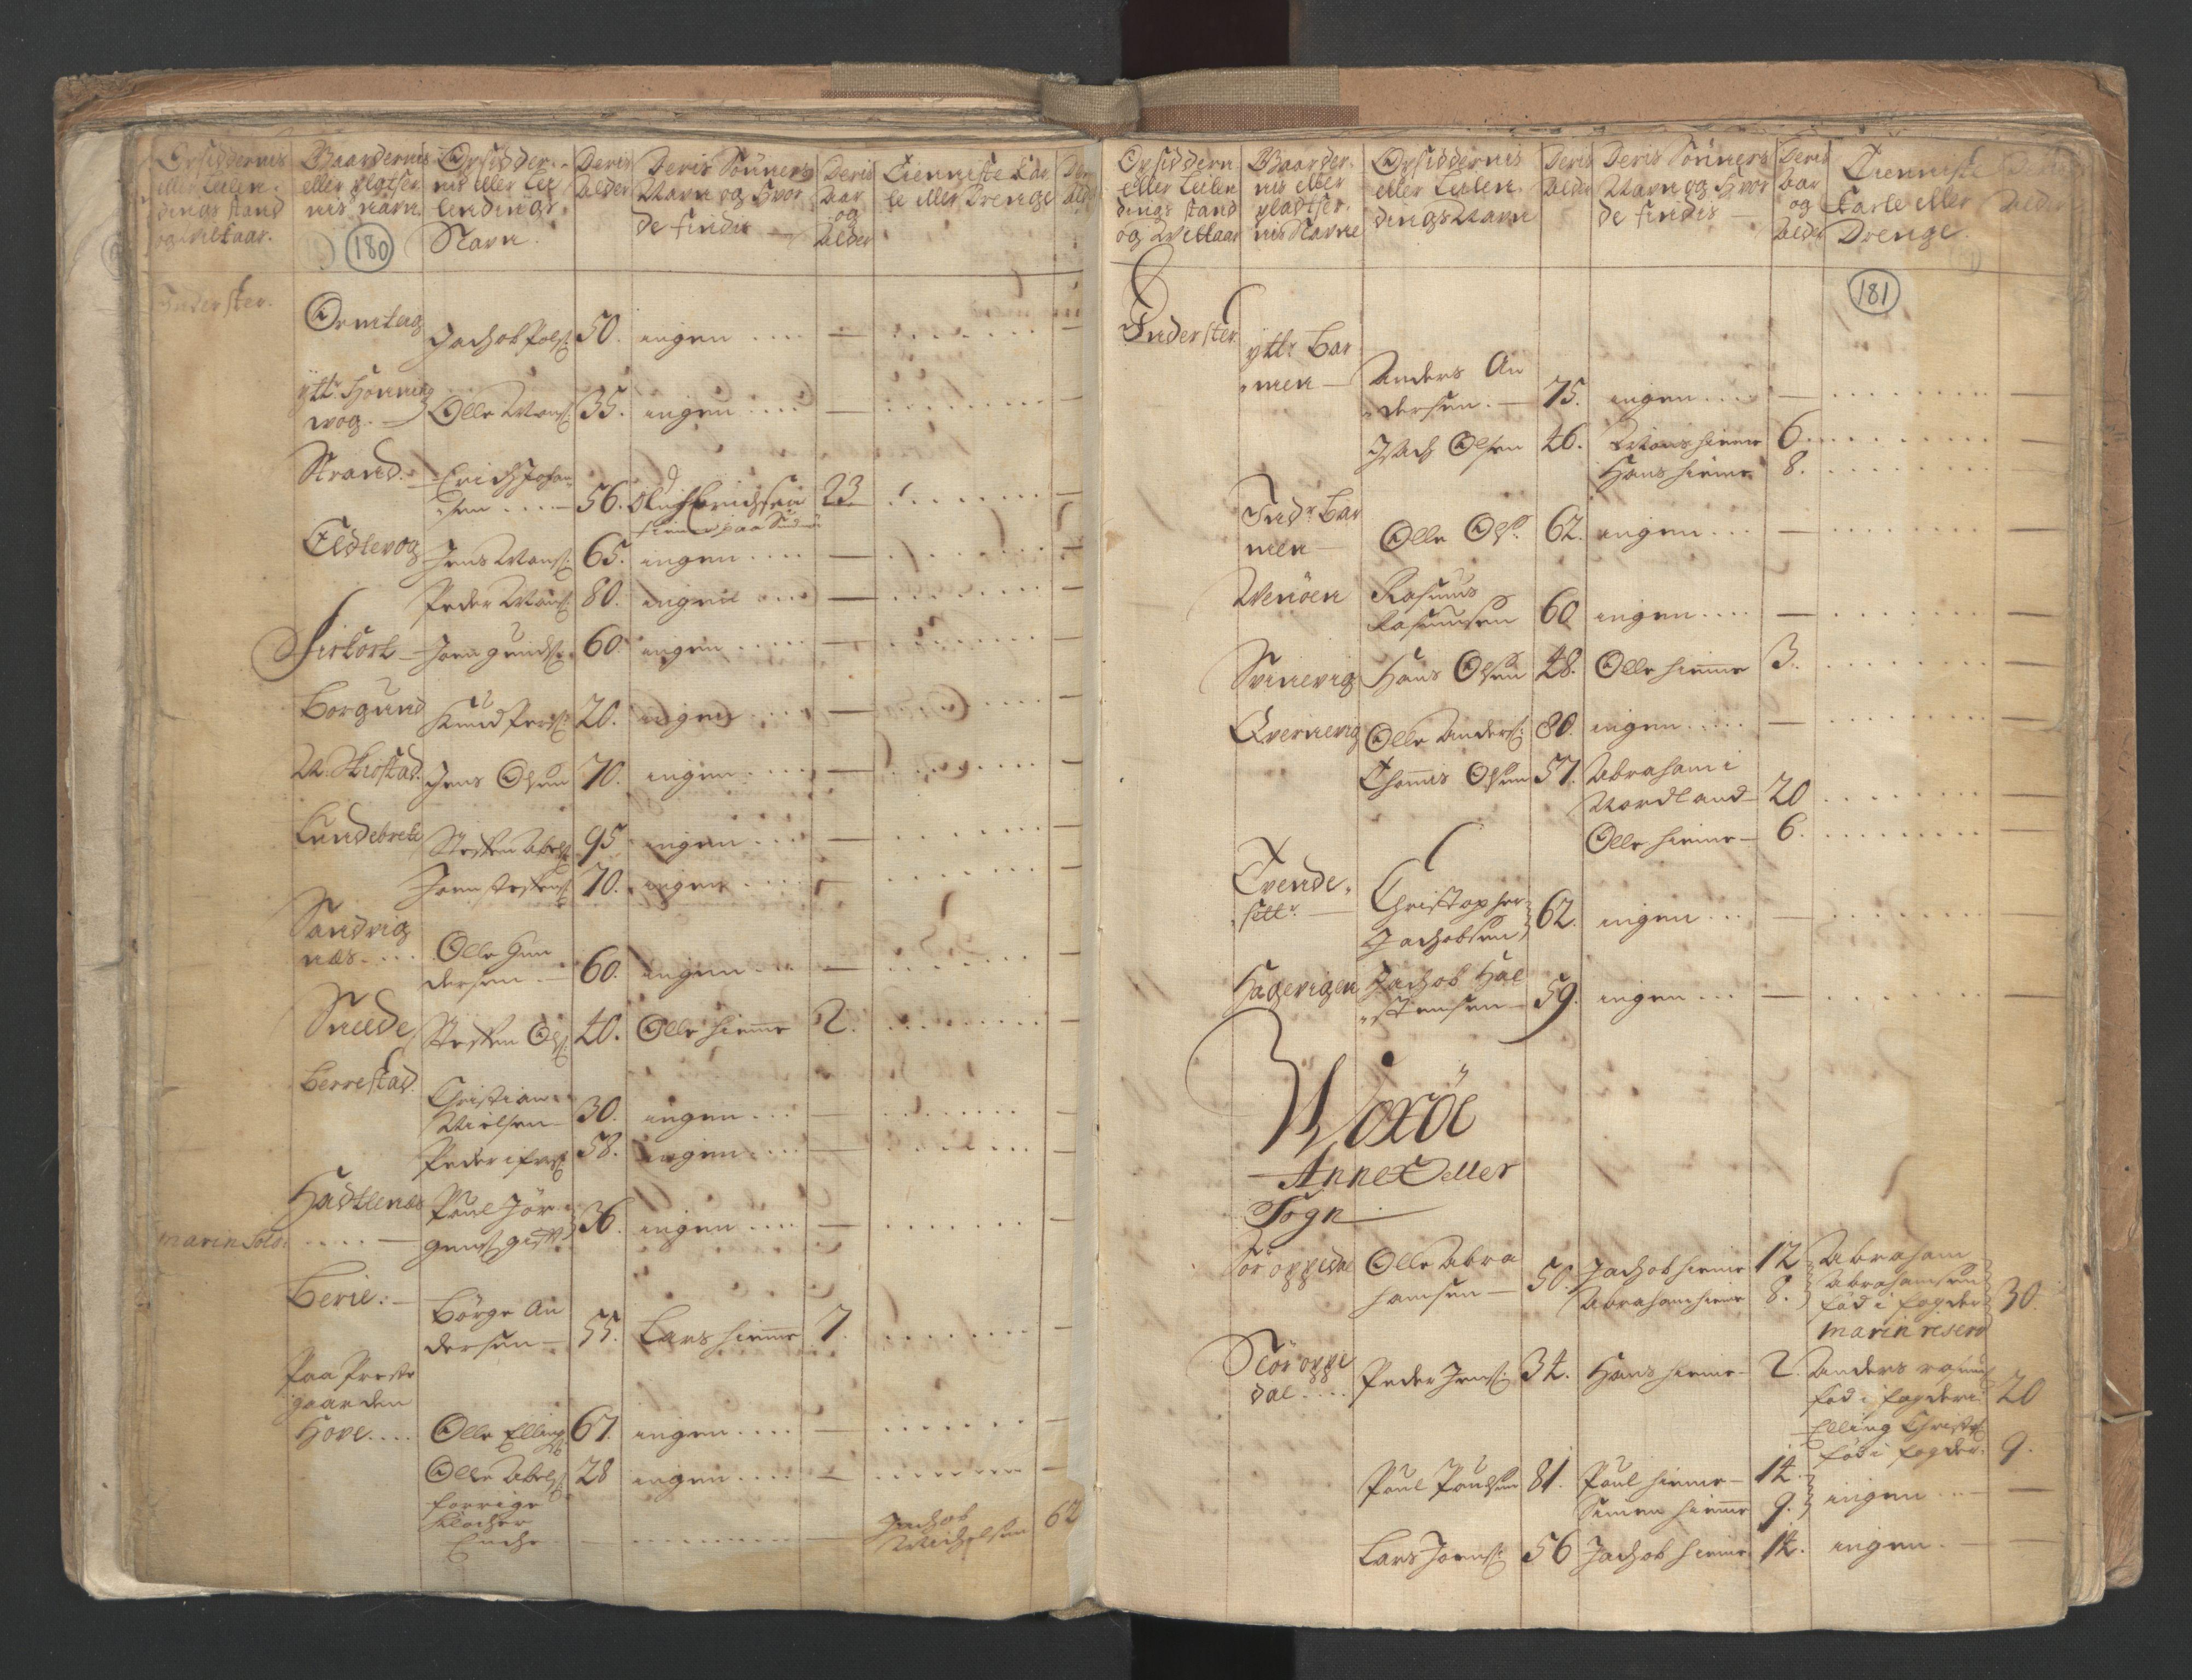 RA, Manntallet 1701, nr. 9: Sunnfjord fogderi, Nordfjord fogderi og Svanø birk, 1701, s. 180-181